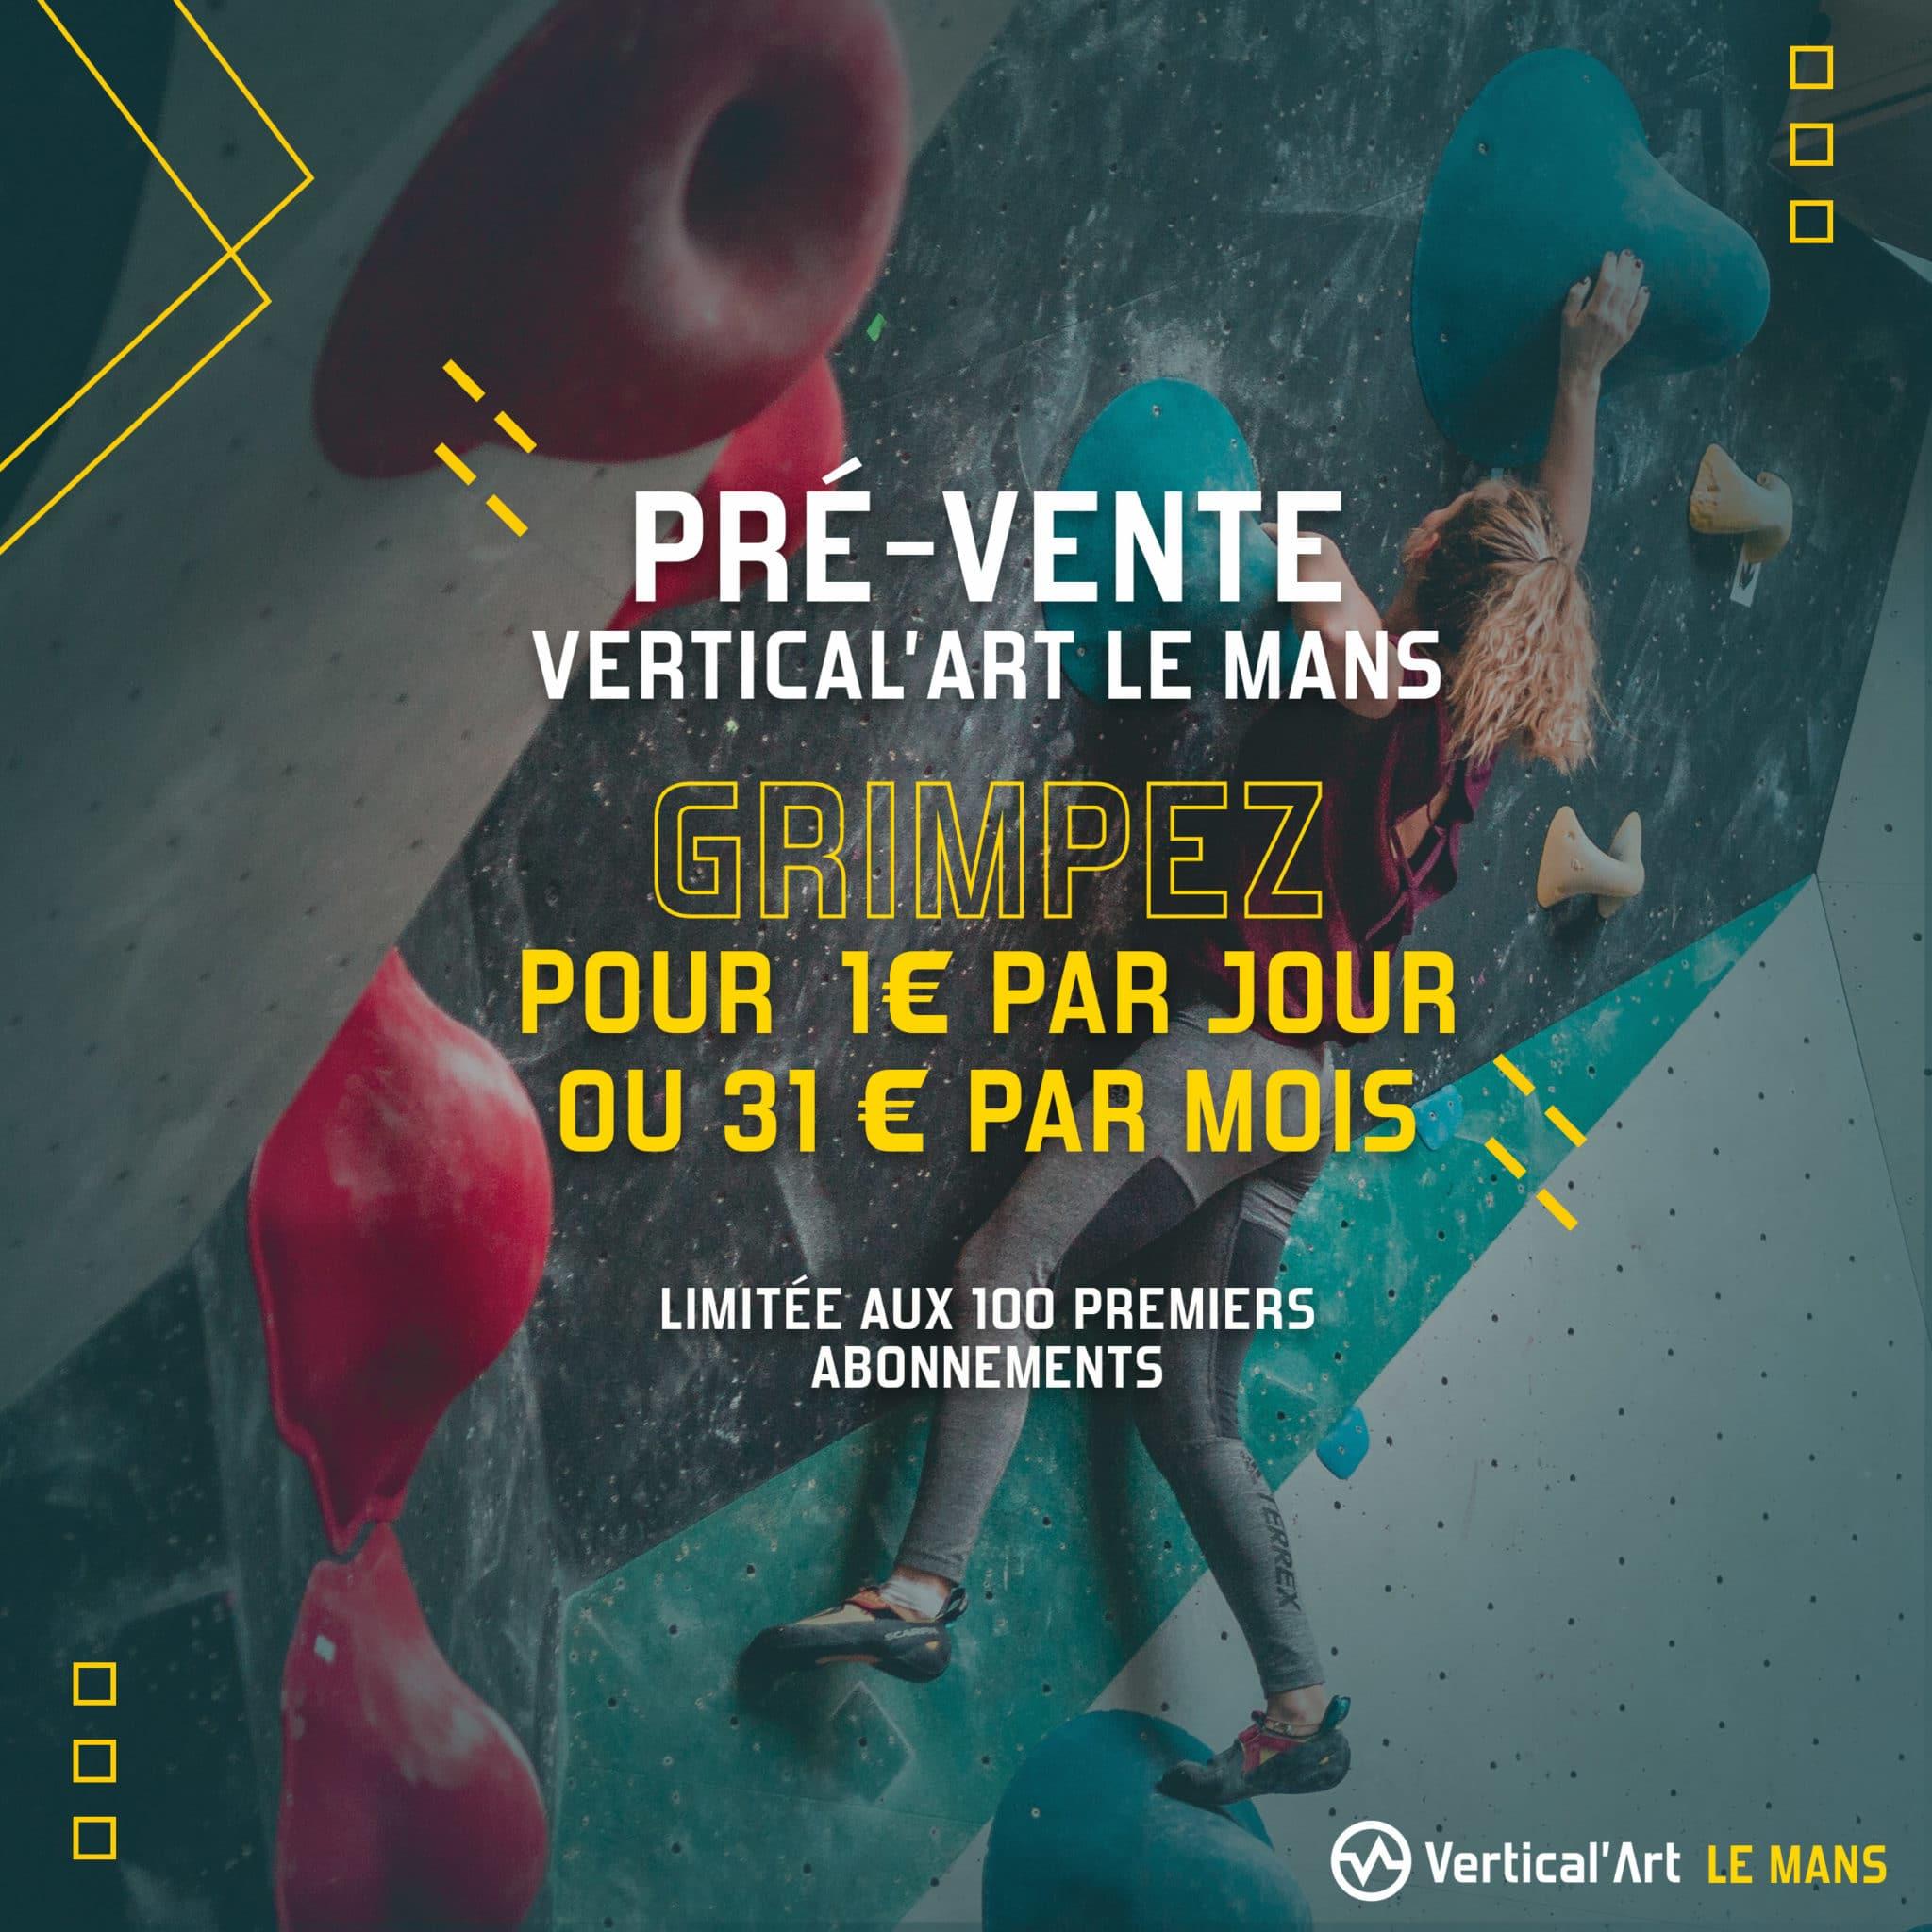 Offre grimper pour un euro par jour à Vertical'Art le mans salle d'escalade restaurant et bar